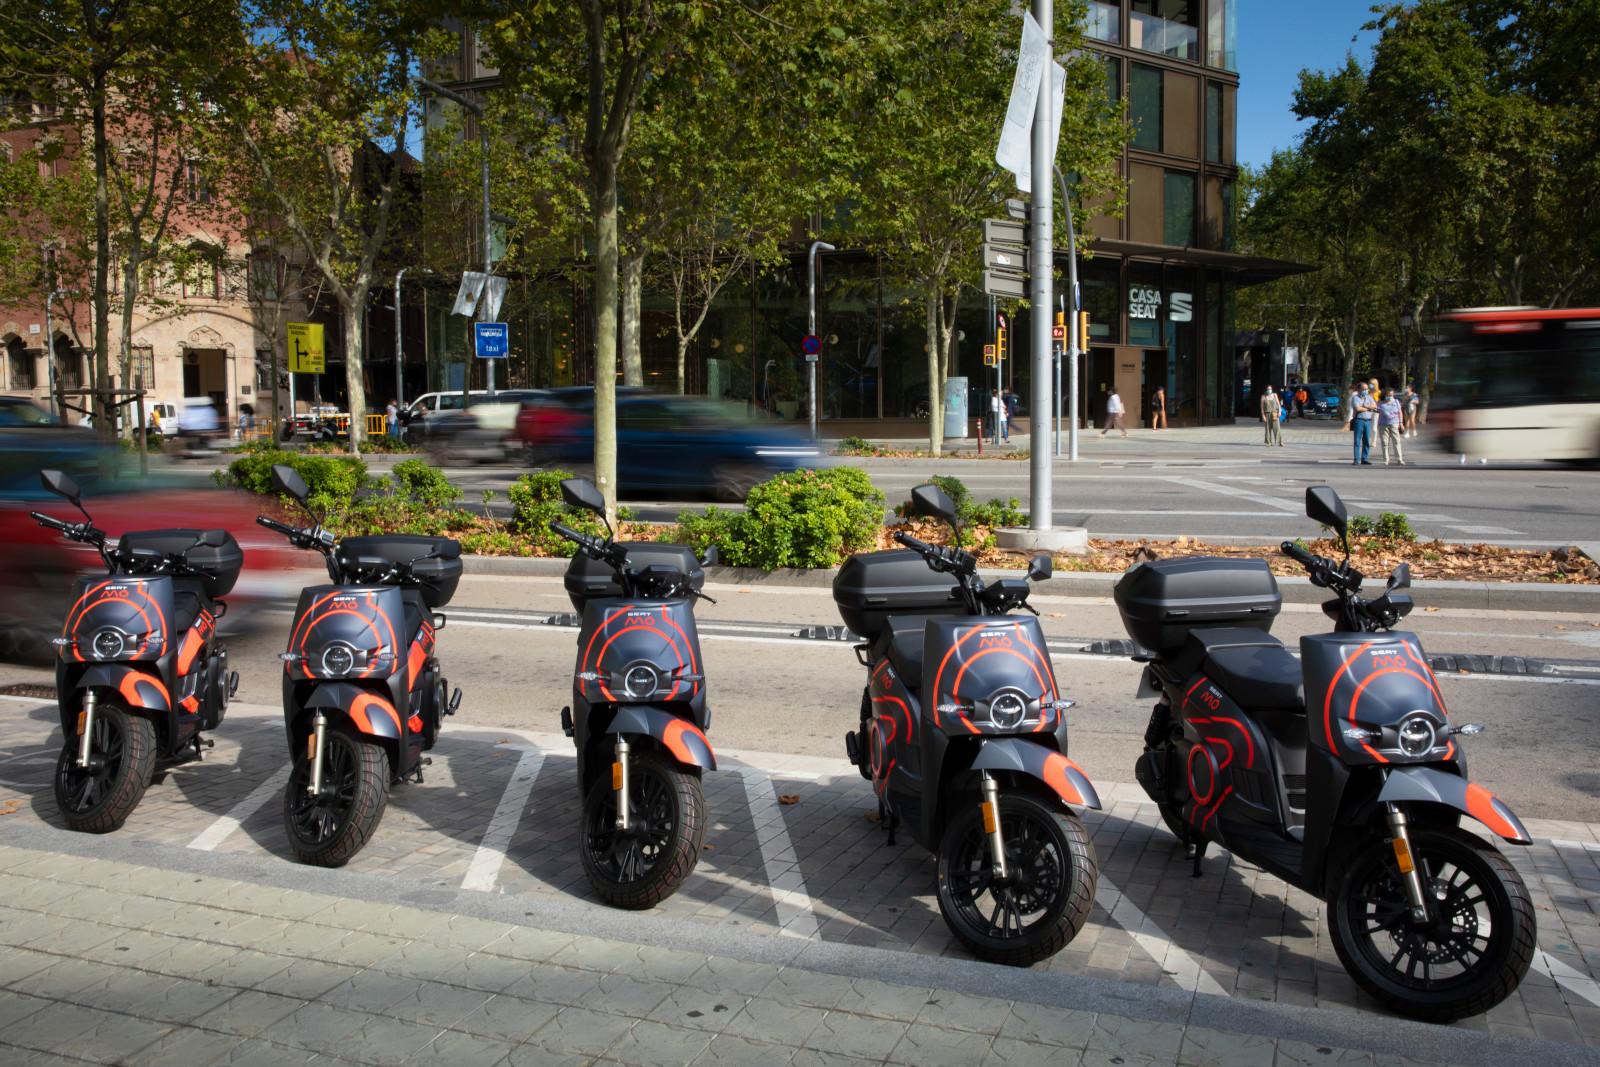 Micromovilidad a la carta: ¿qué medio de transporte te conviene más?